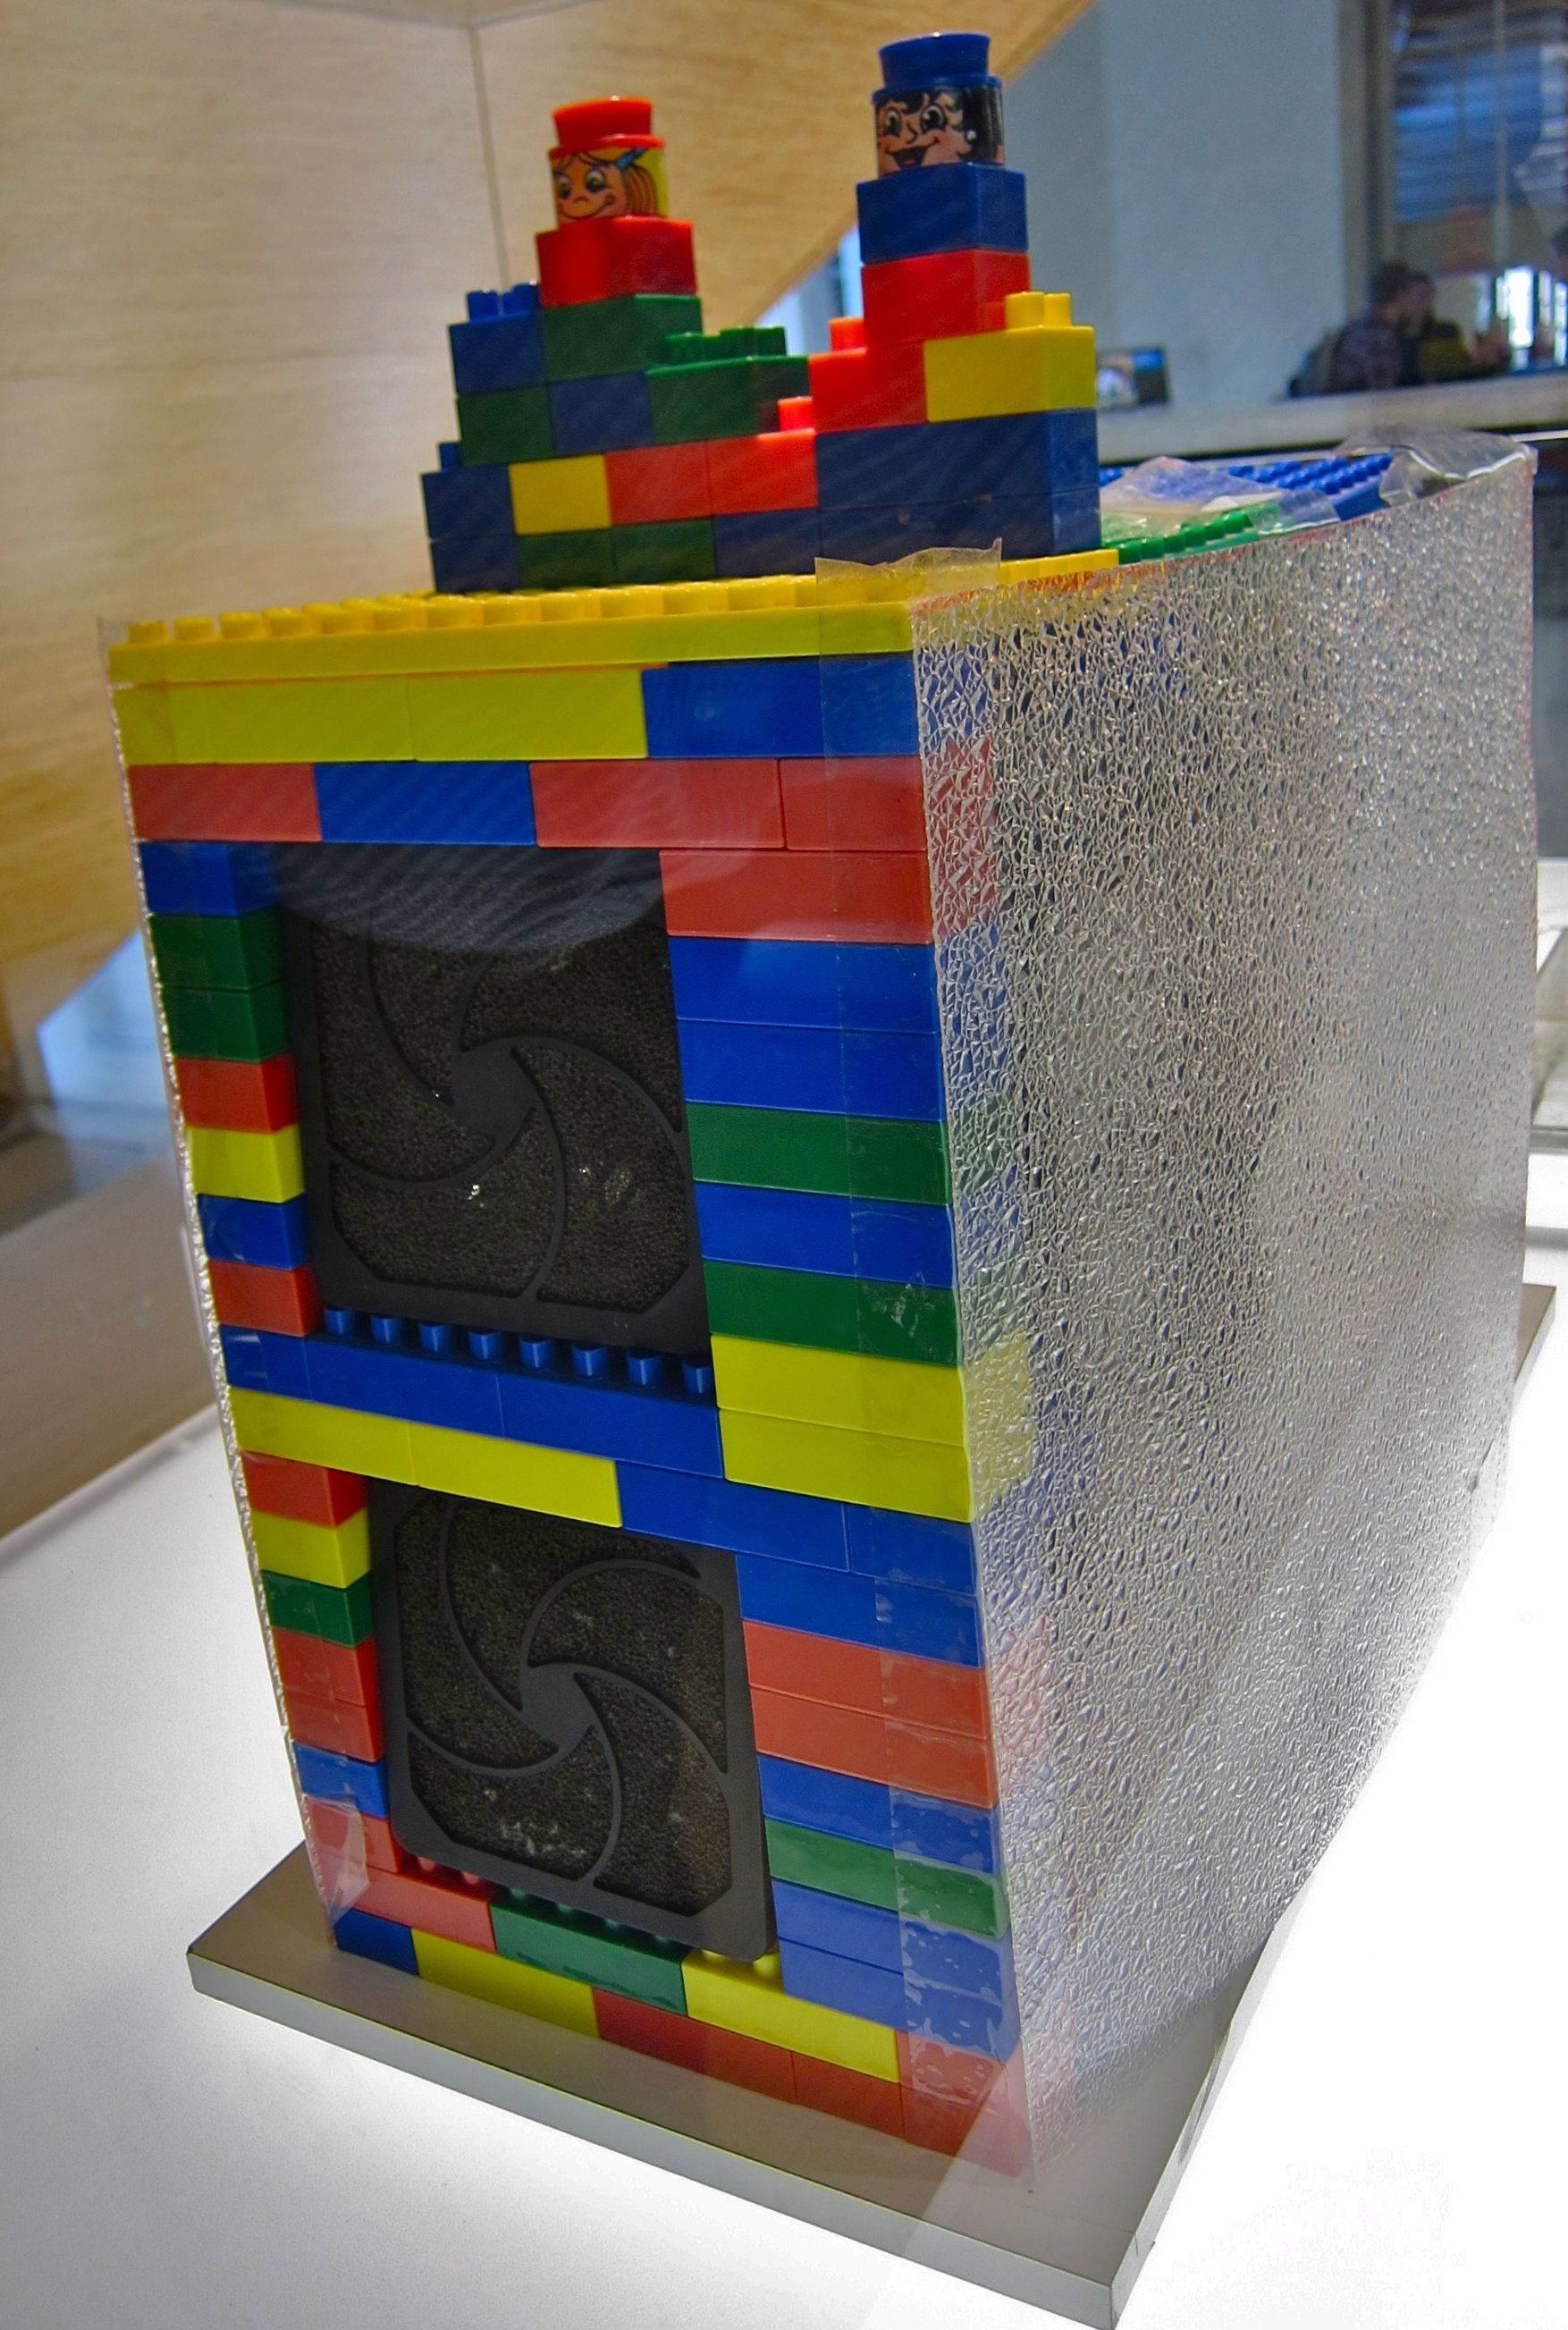 İlk Google sunucusu Lego idi